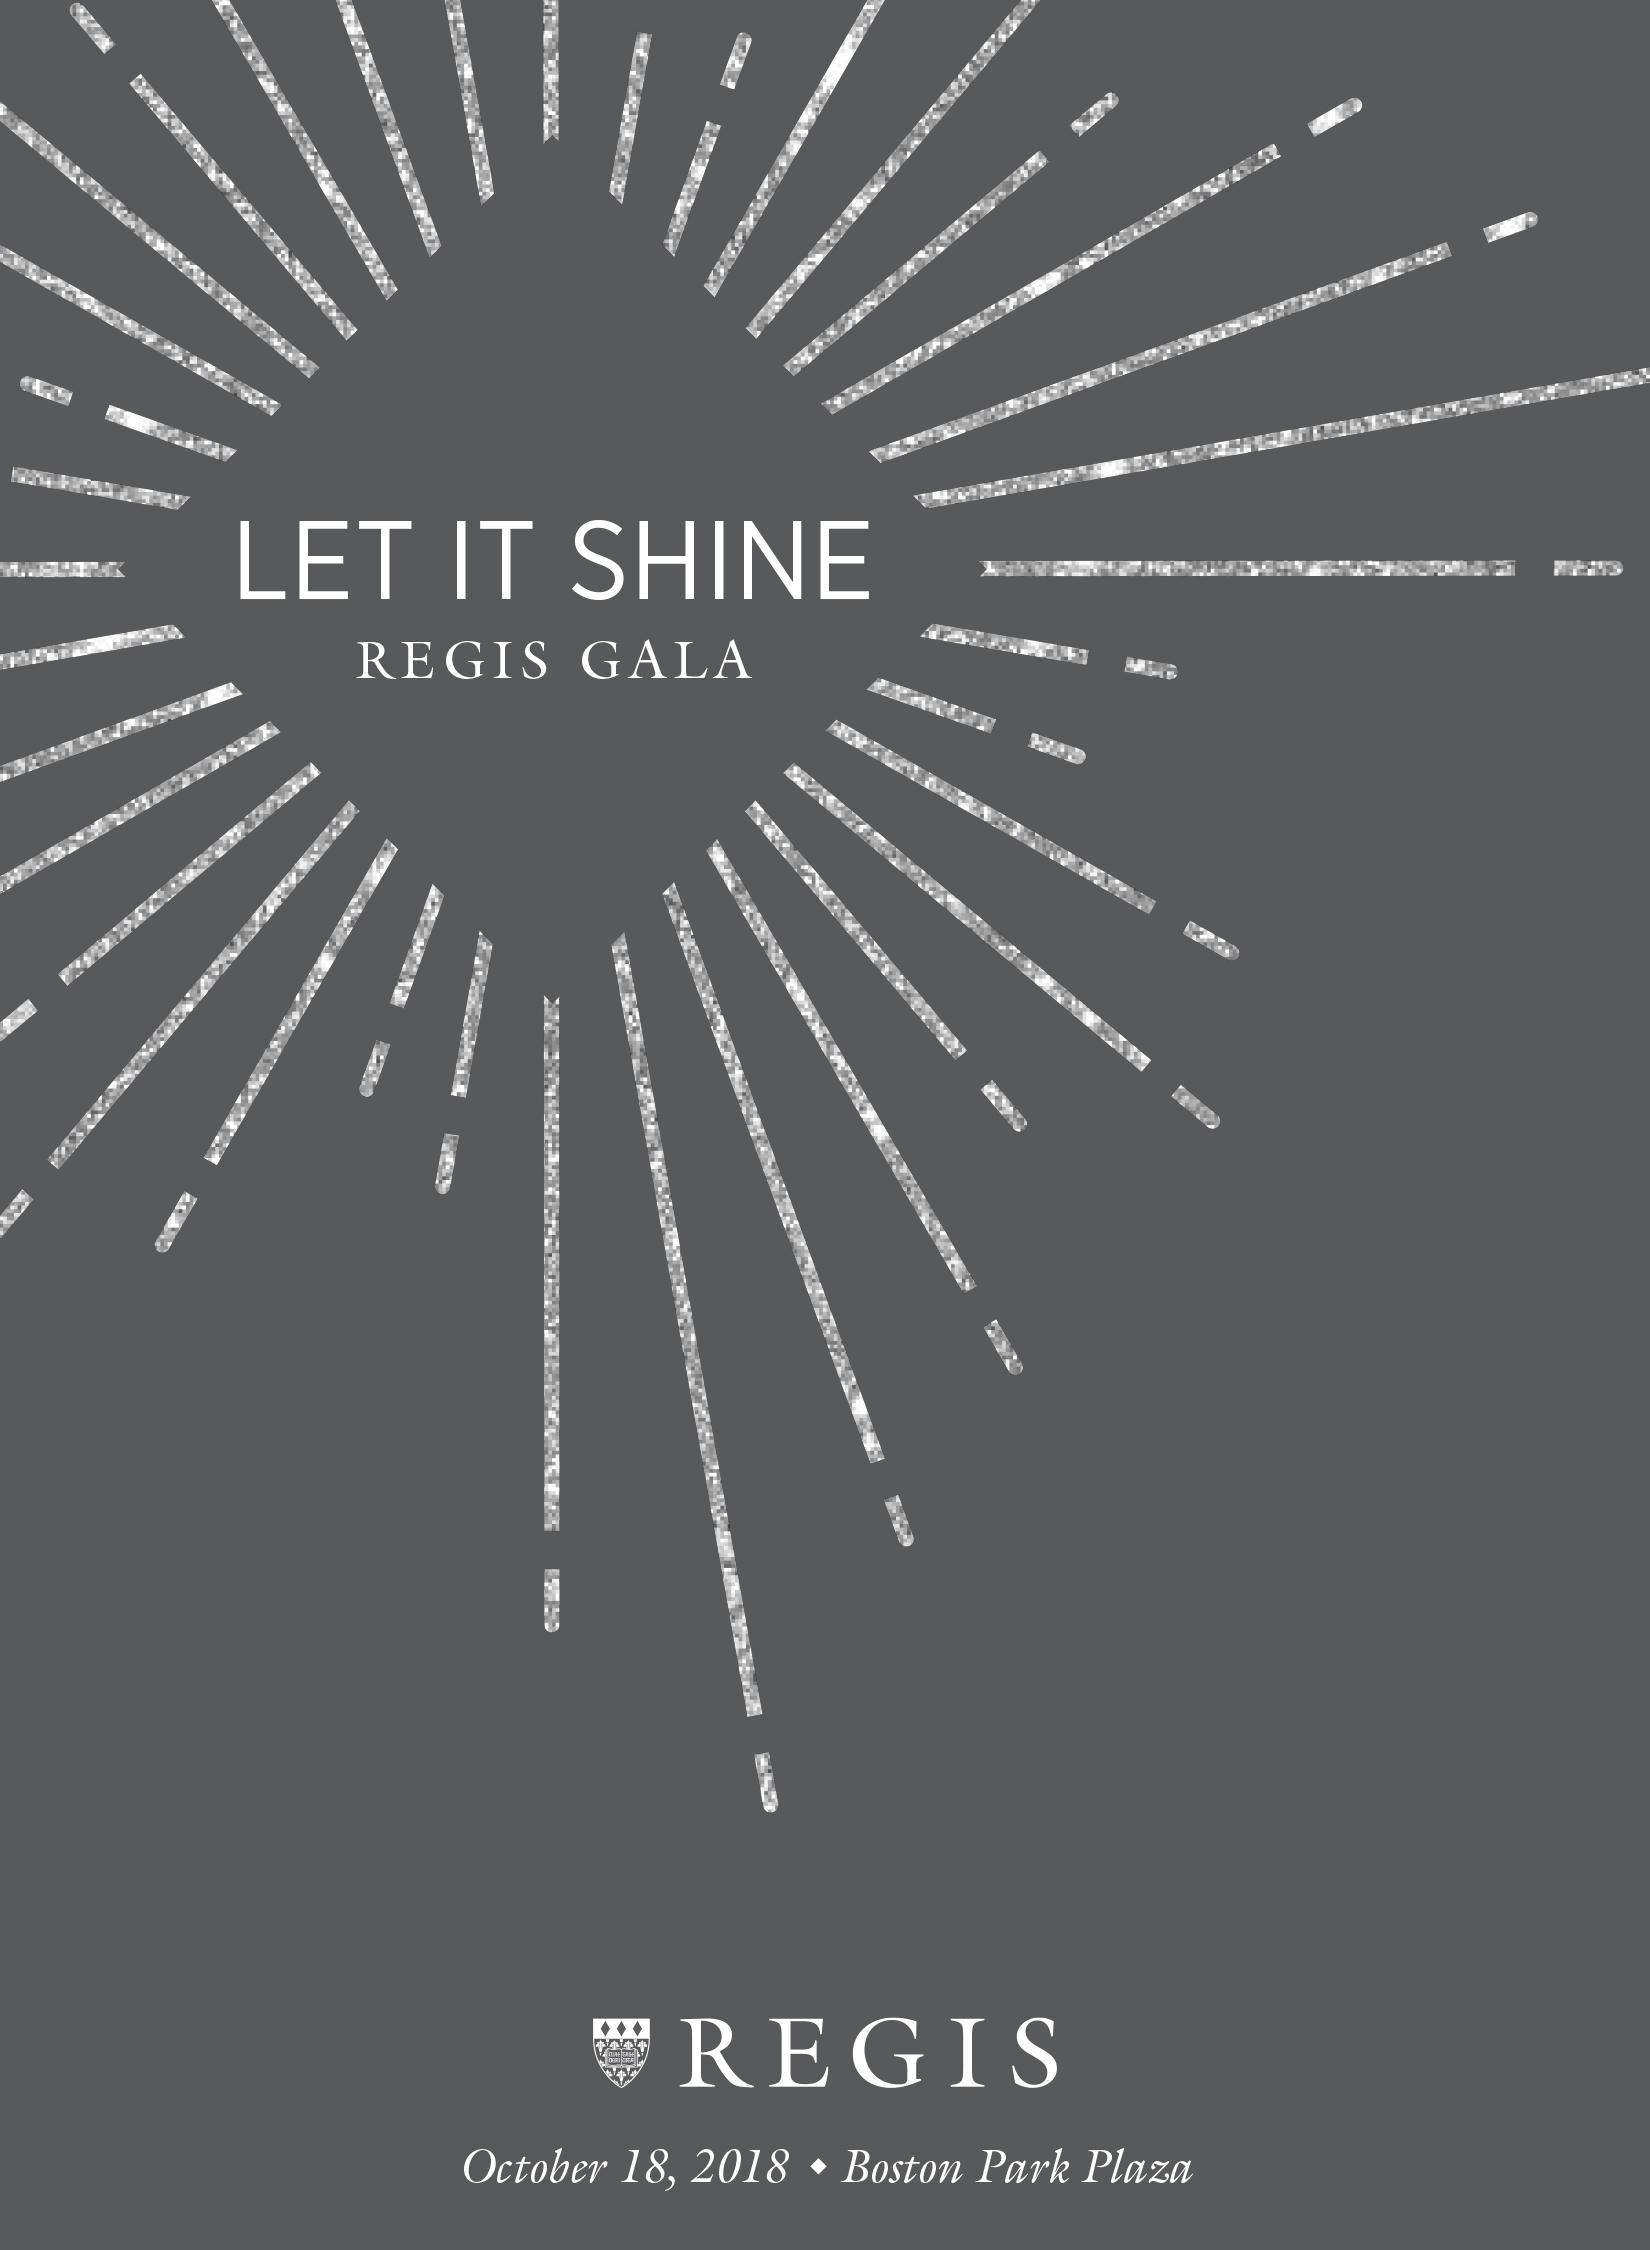 Let it shine 2018